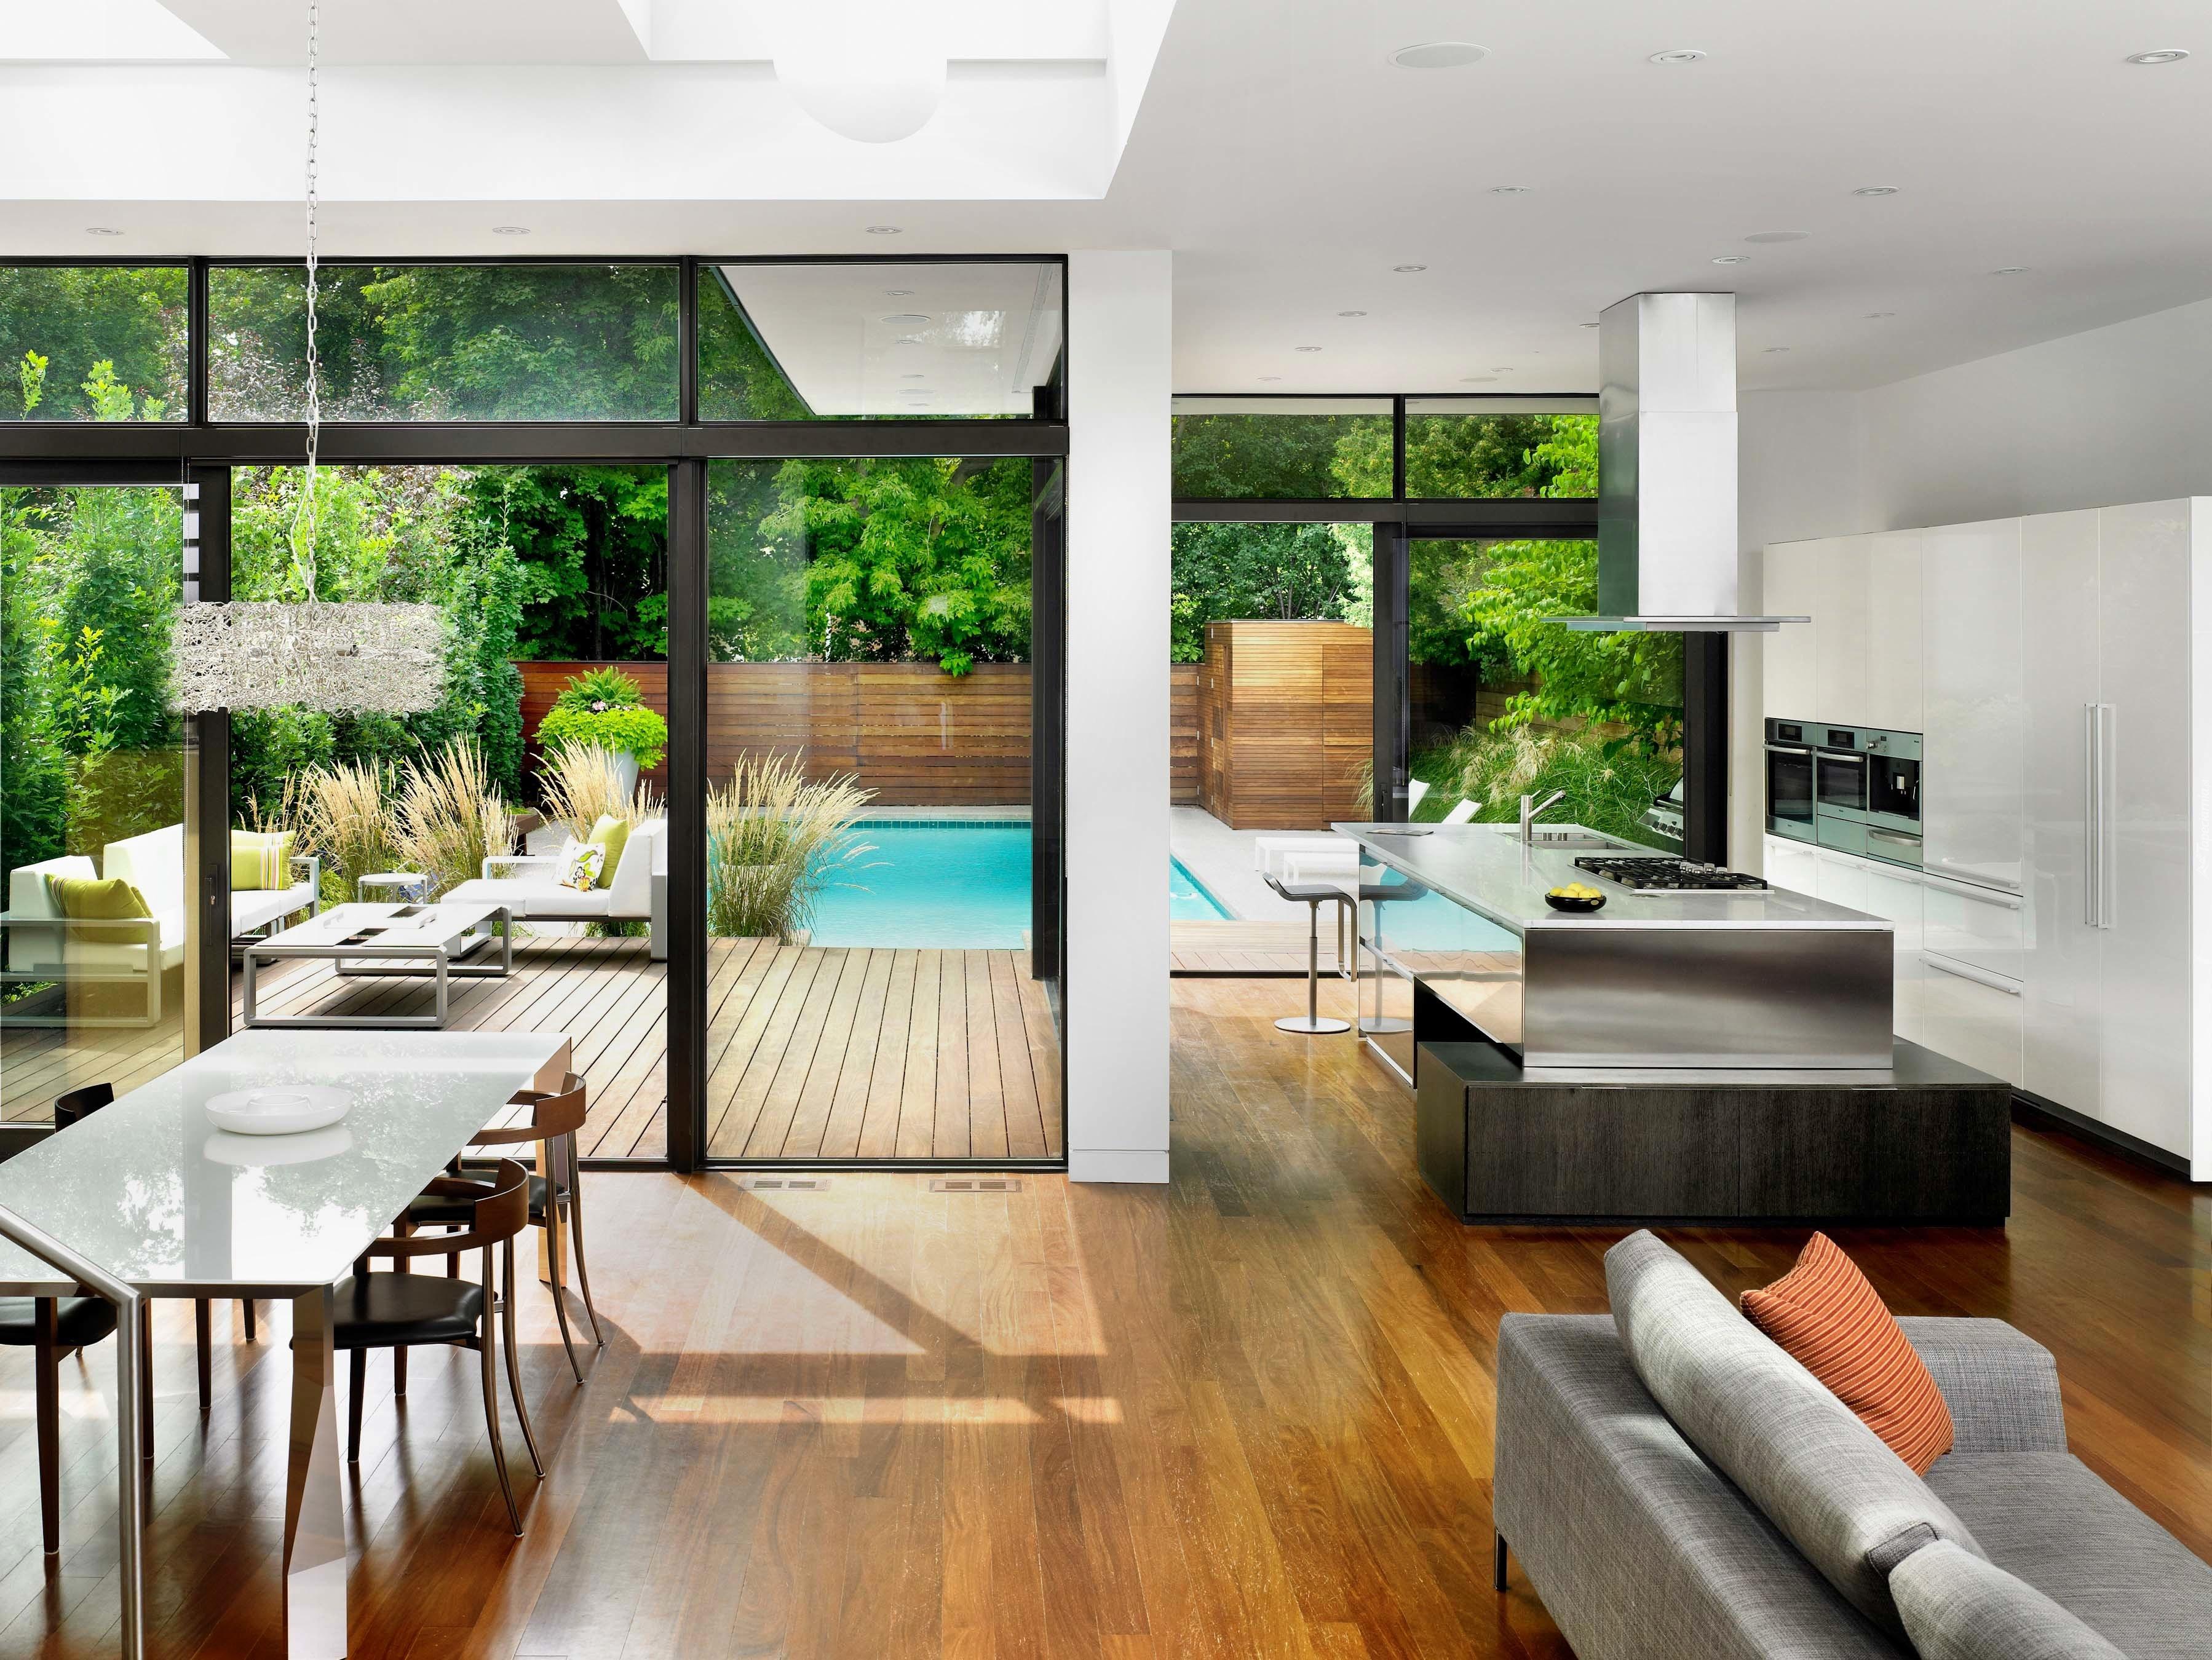 Dom nowoczesne wn trze - Spa tres casas ...